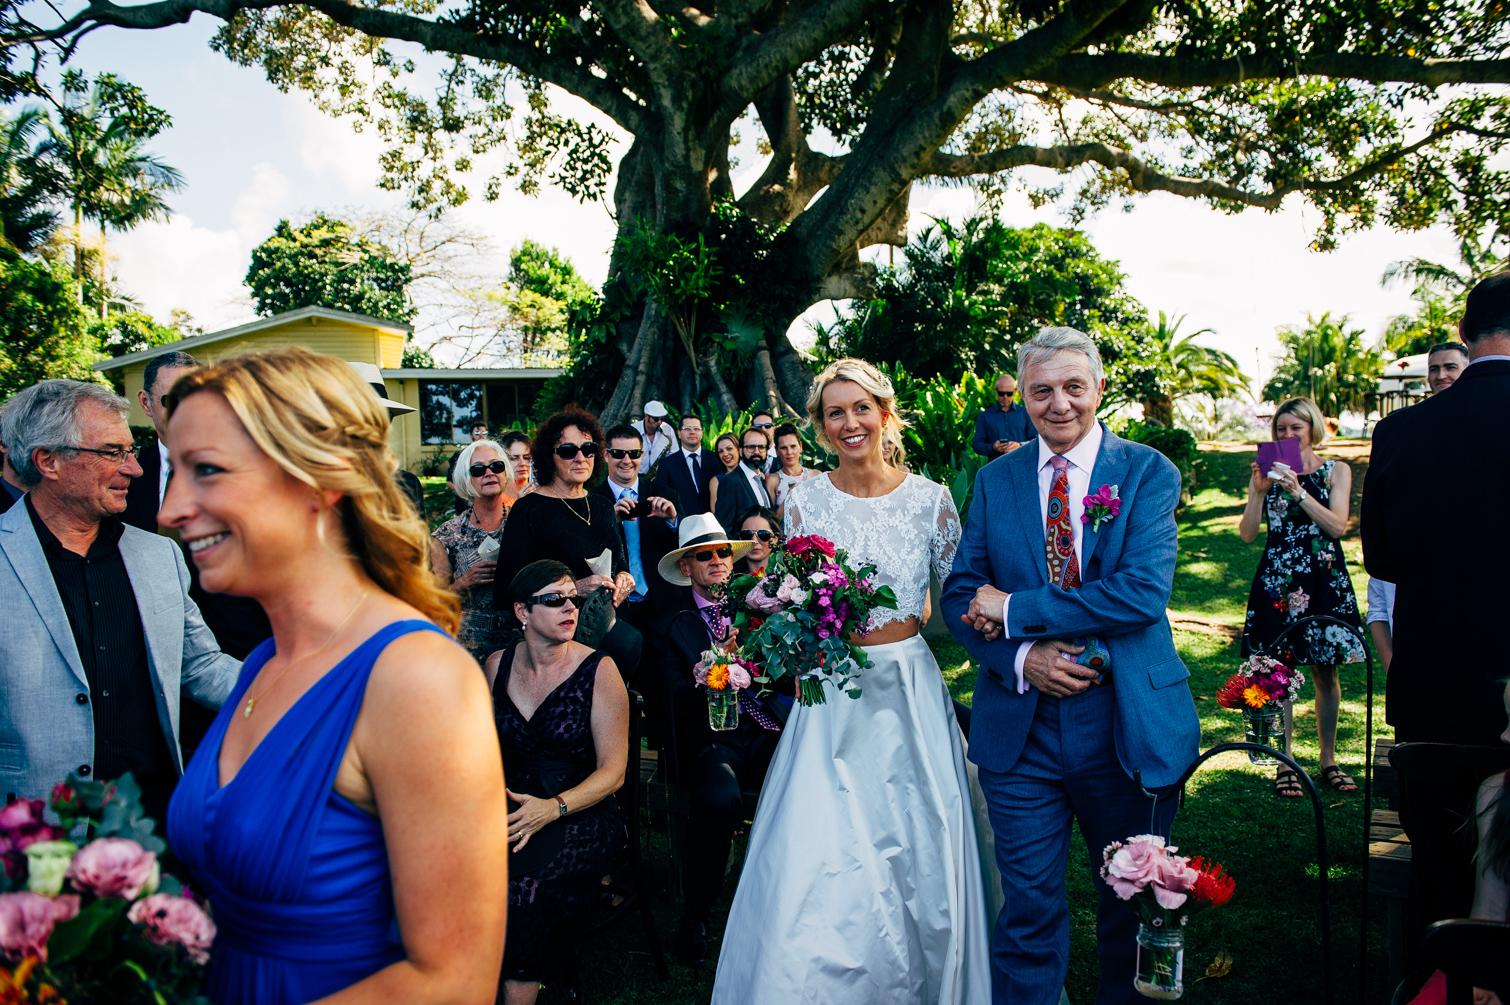 Byron_Bay_Figtree_Restaurant_Wedding_Venue-20.jpg